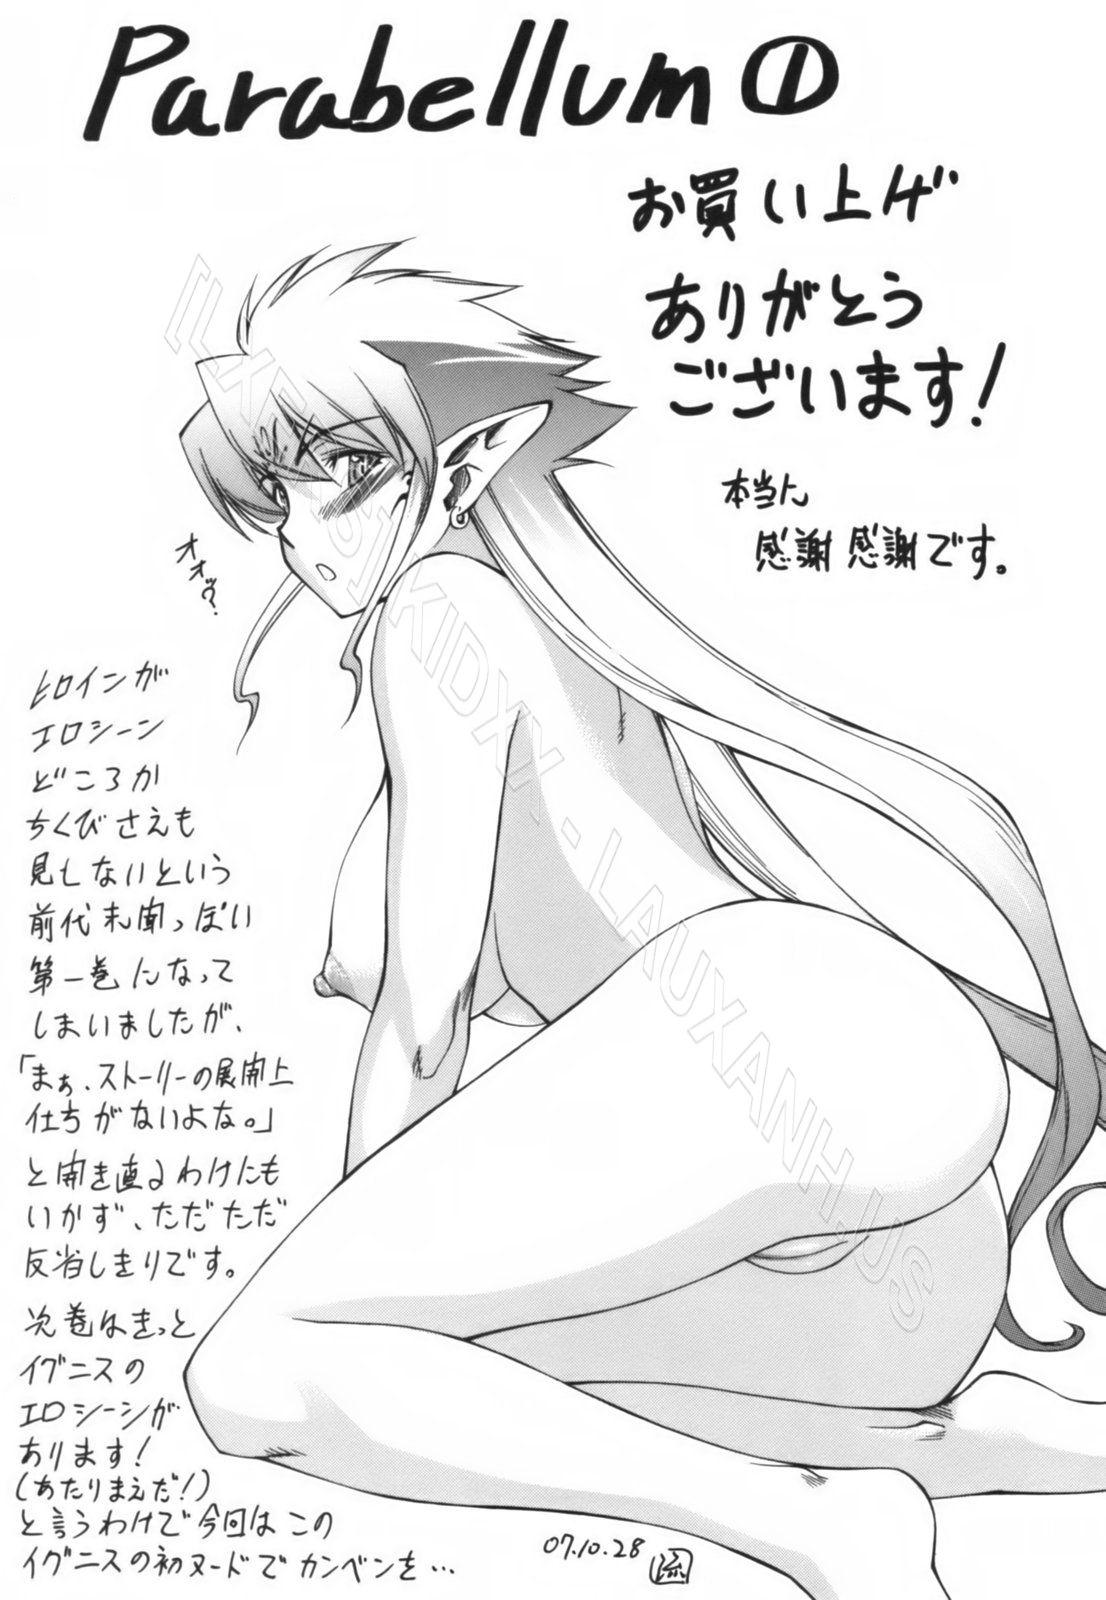 Hình ảnh Hinh_029 trong bài viết Truyện tranh hentai không che: Parabellum